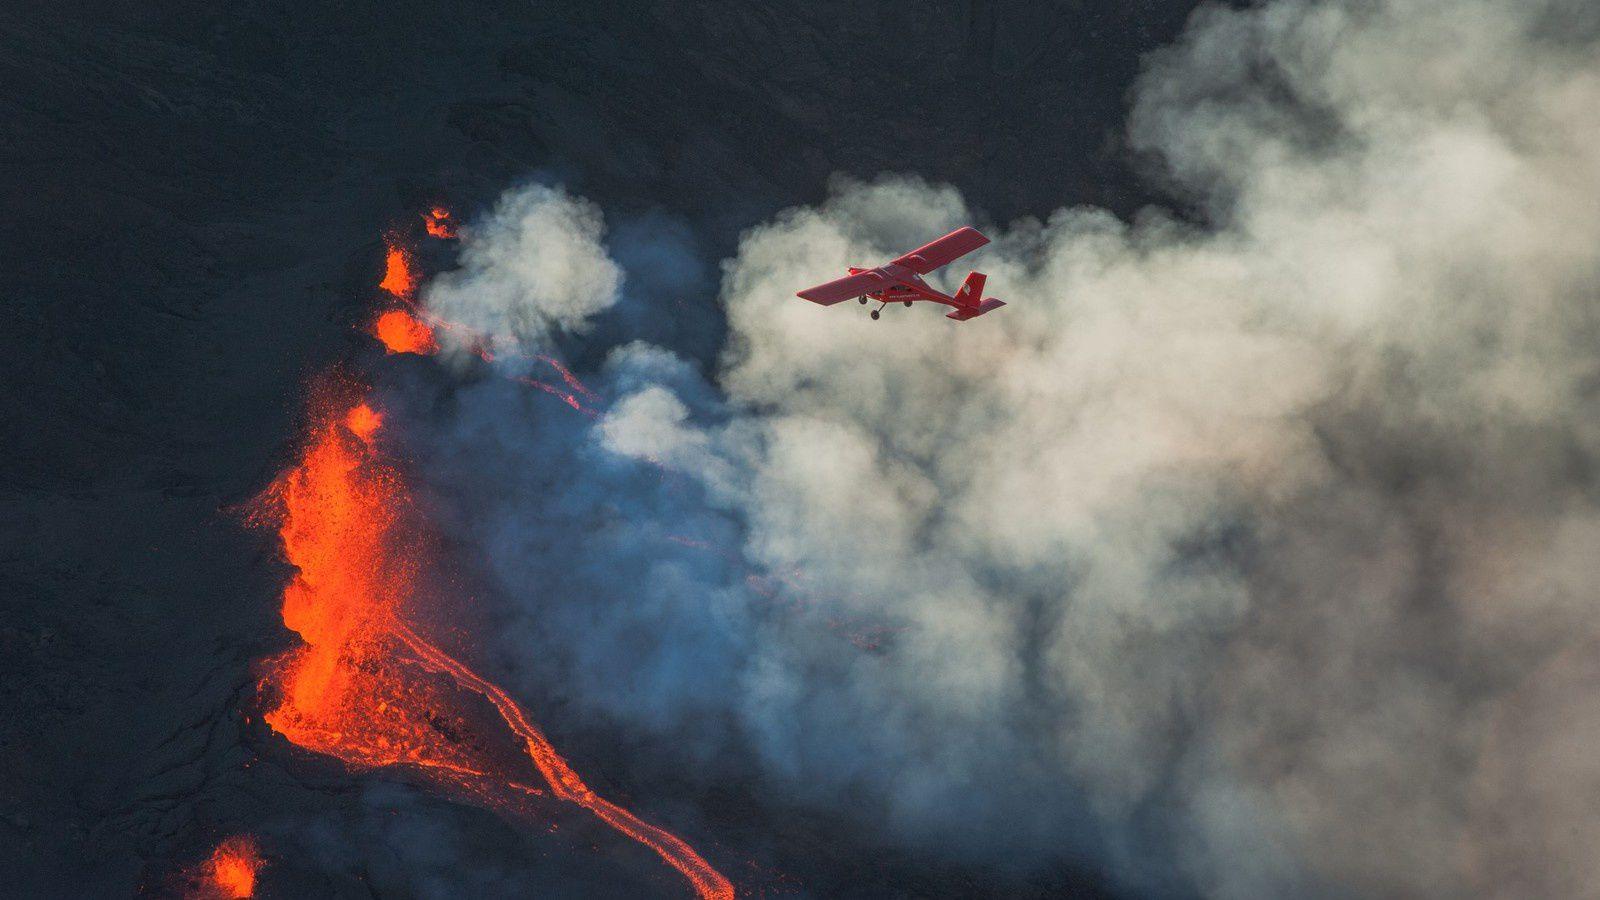 Piton de La Fournaise - la fissure éruptive le 14 juillet 2017 - photo © Thierry Sluys